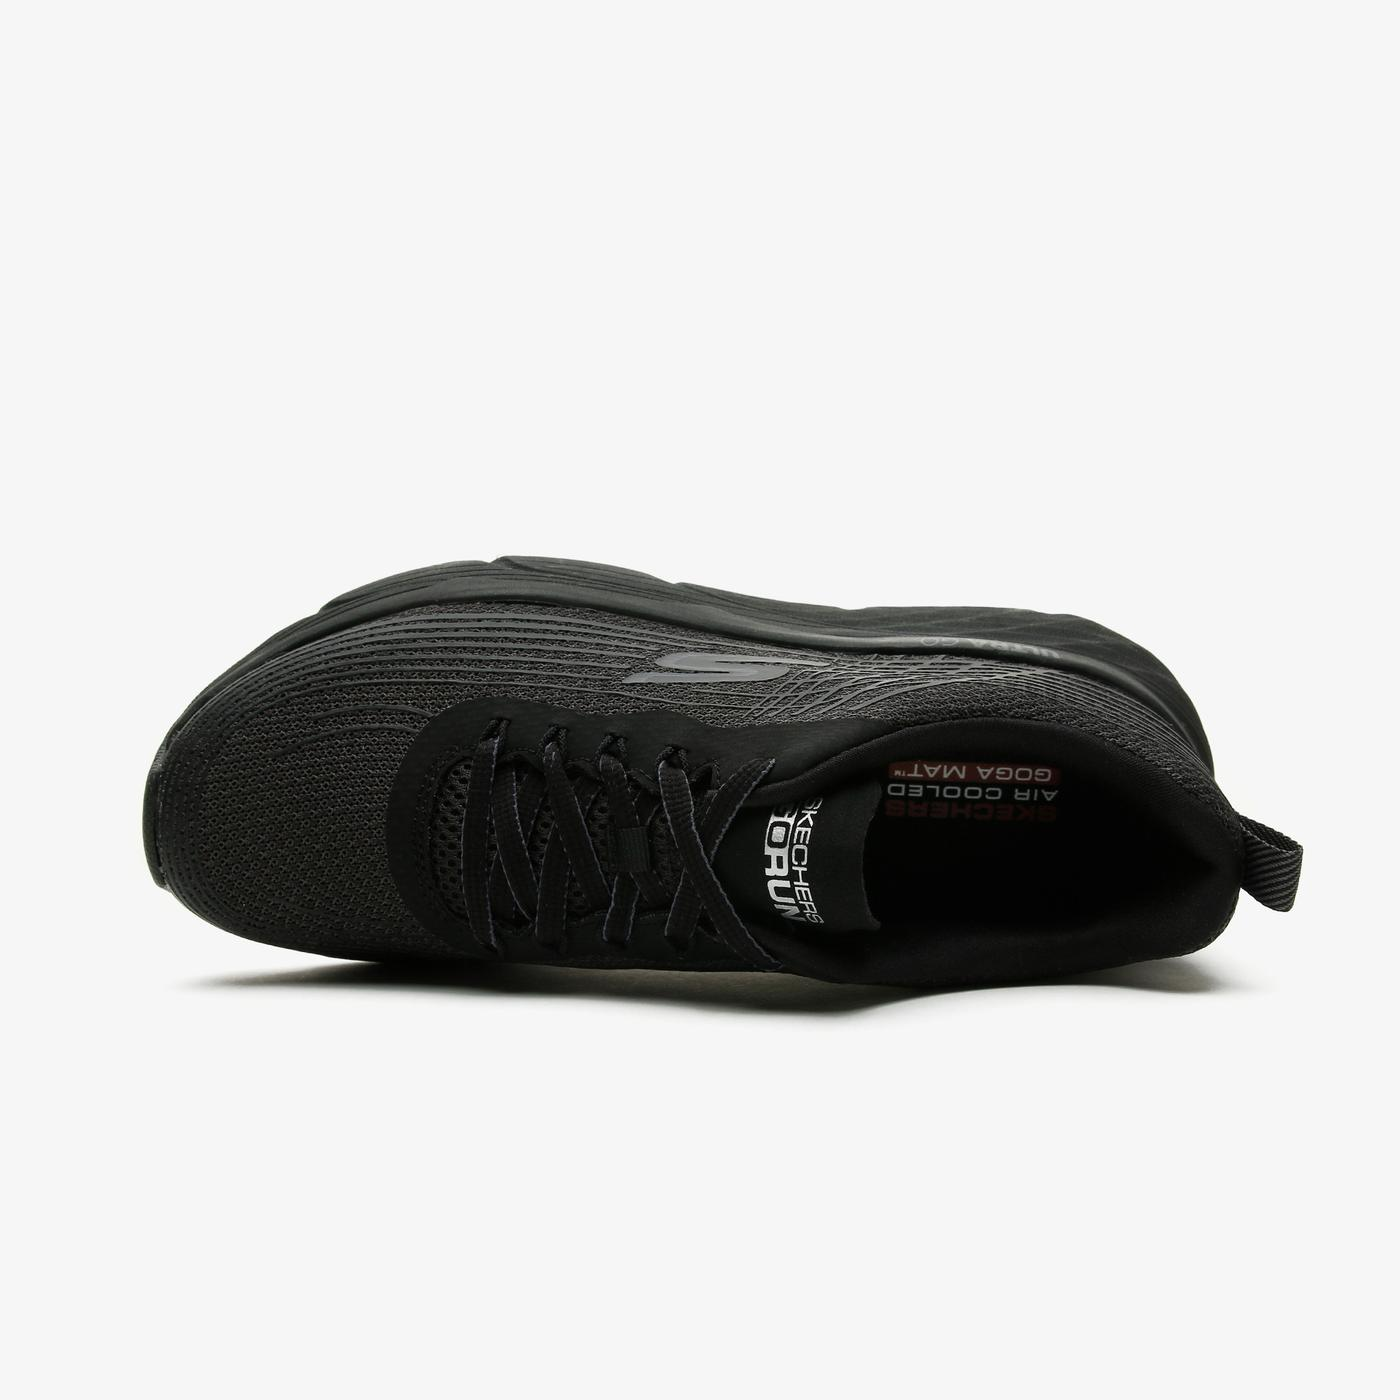 Skechers Max Cushioning Elite Erkek Siyah Spor Ayakkabı